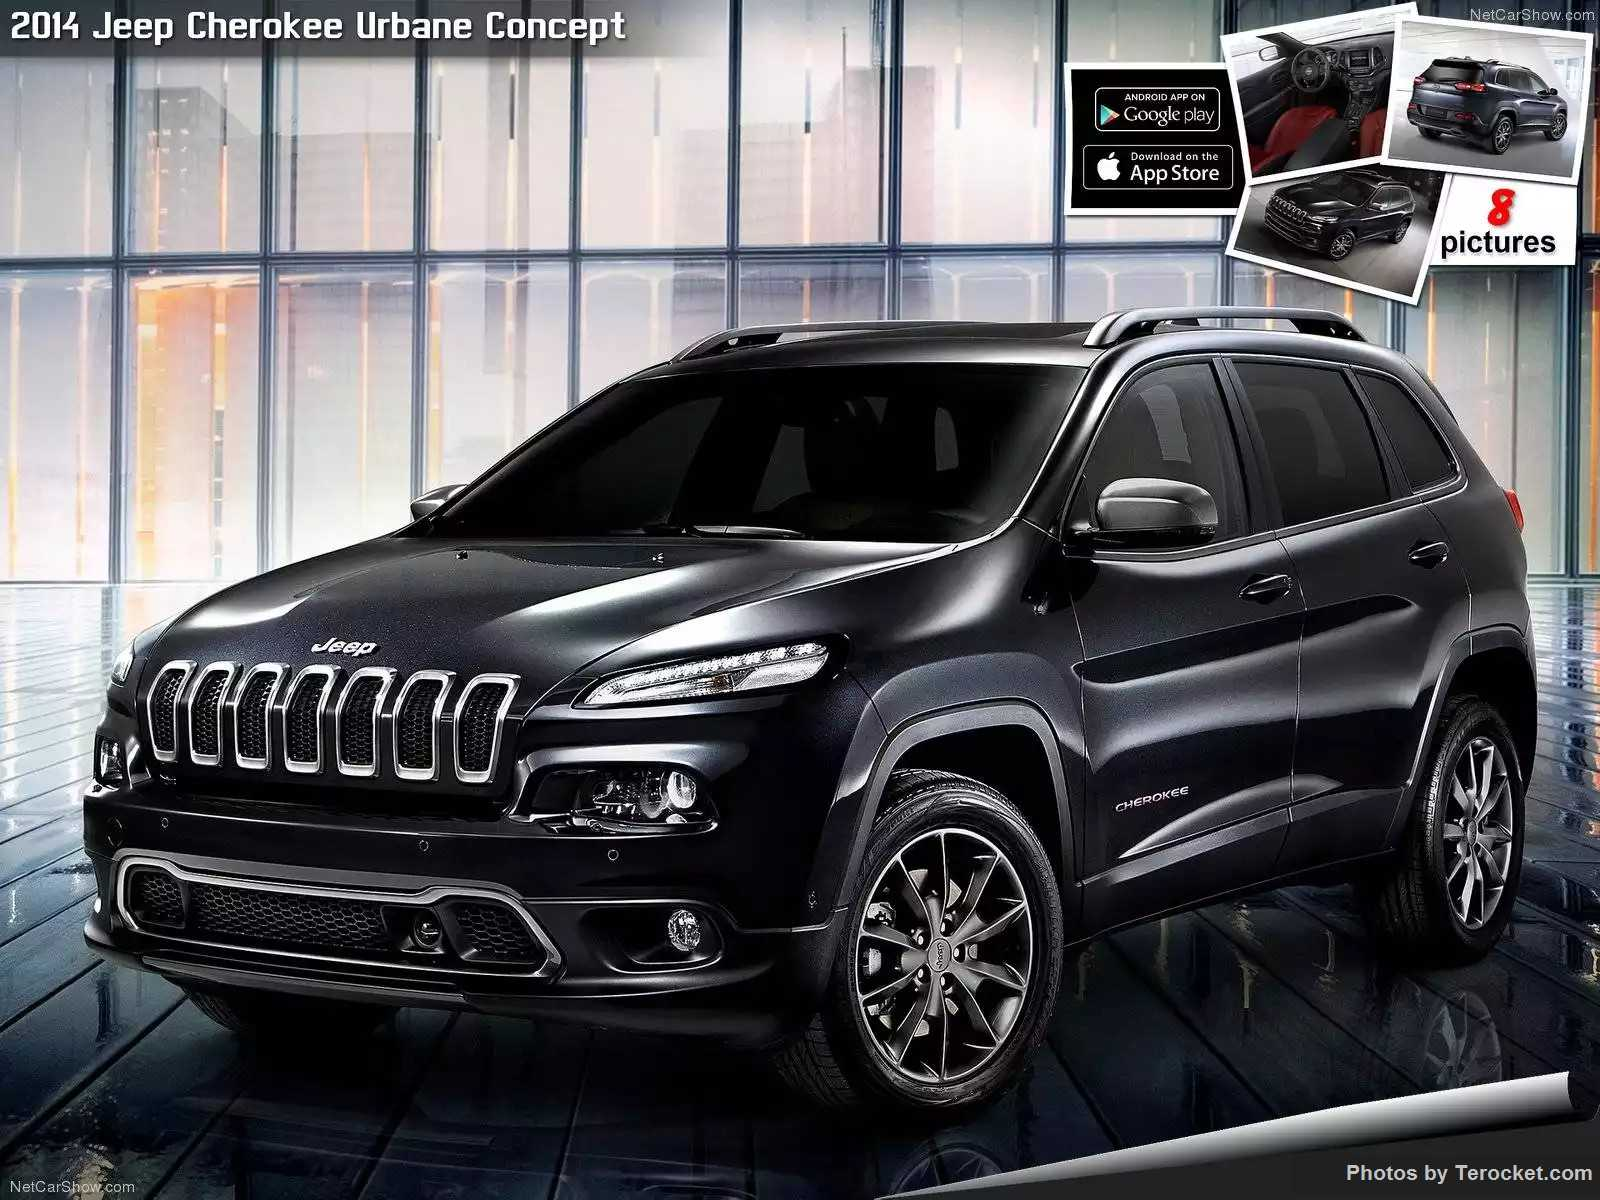 Hình ảnh xe ô tô Jeep Cherokee Urbane Concept 2014 & nội ngoại thất